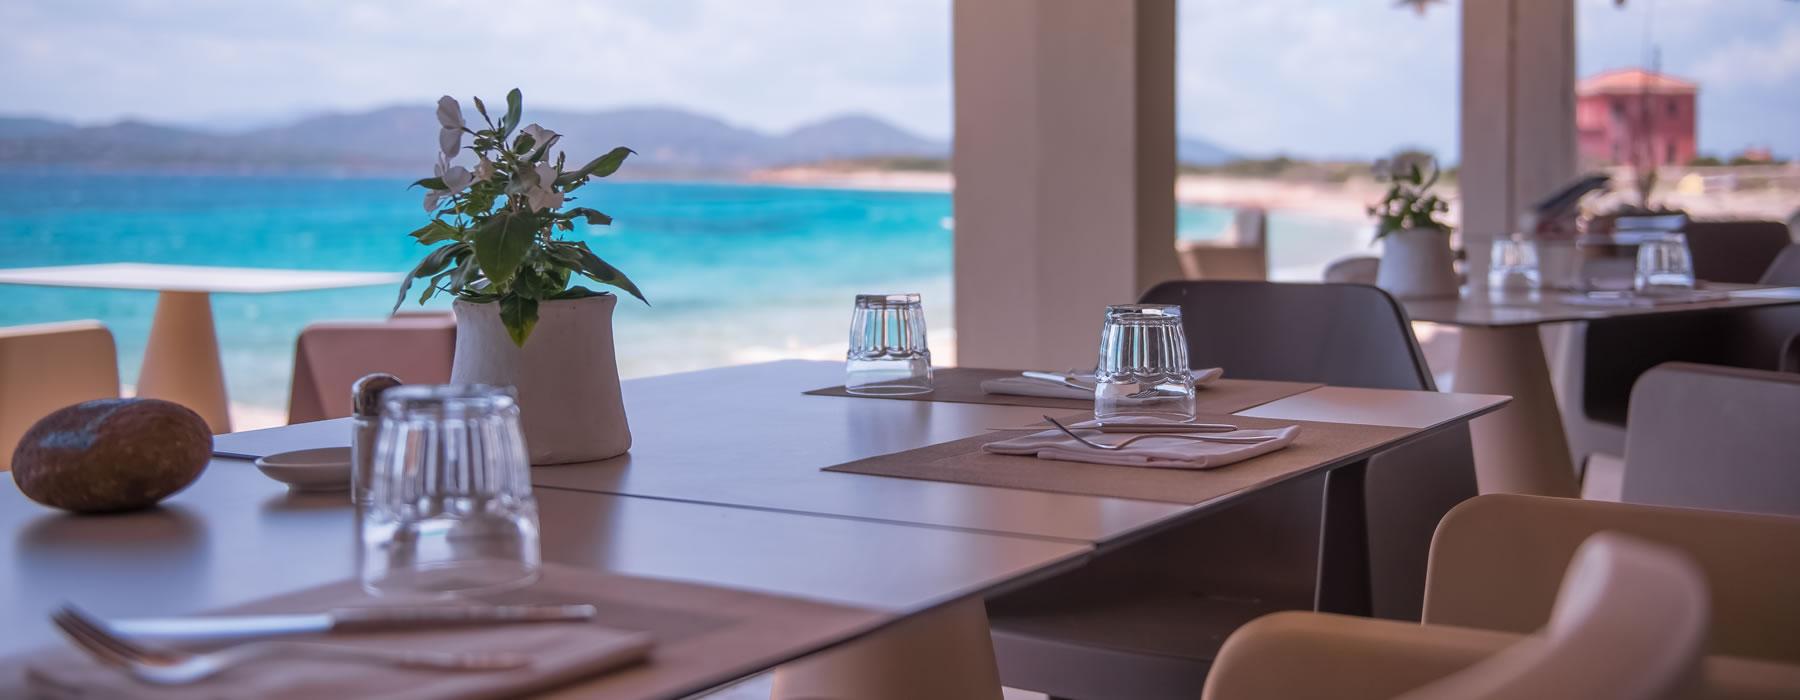 il ristorante ristorante la corona tavolara